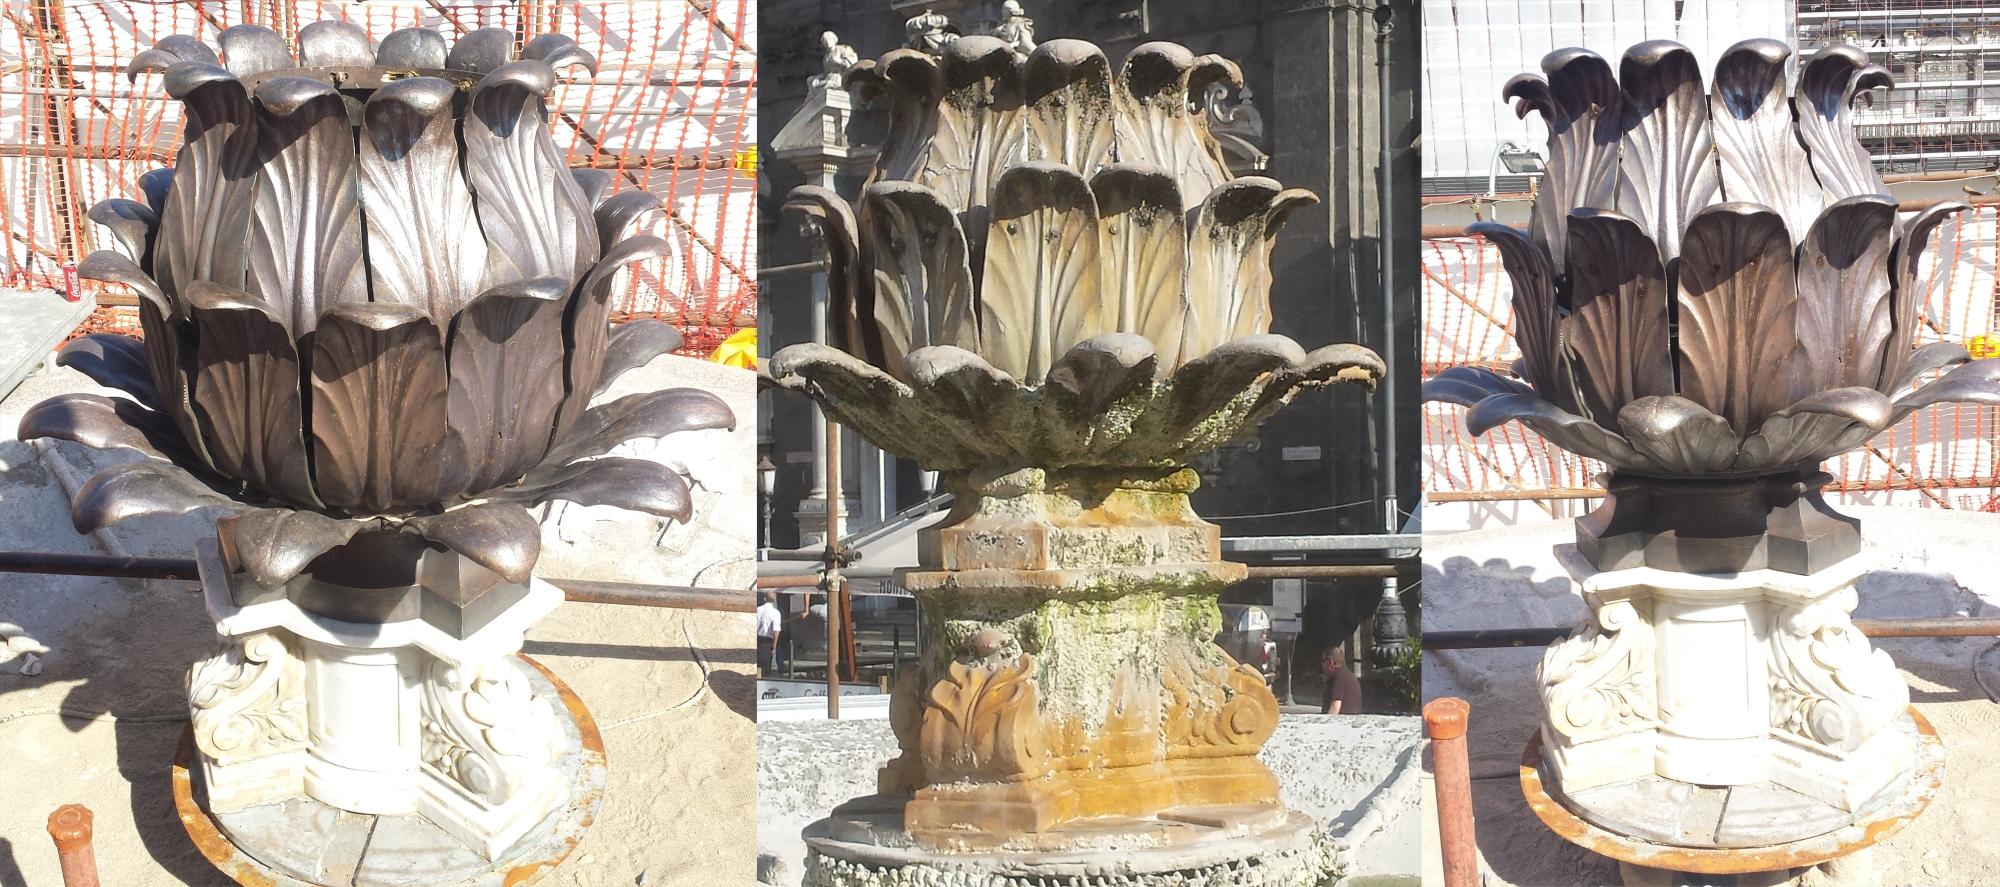 la fontana del carciofo prima e dopo il restauro  (dal sito monumentandonapoli http://monumentandonapoli.com/2015/03/23/prima-e-dopo/#jp-carousel-466)